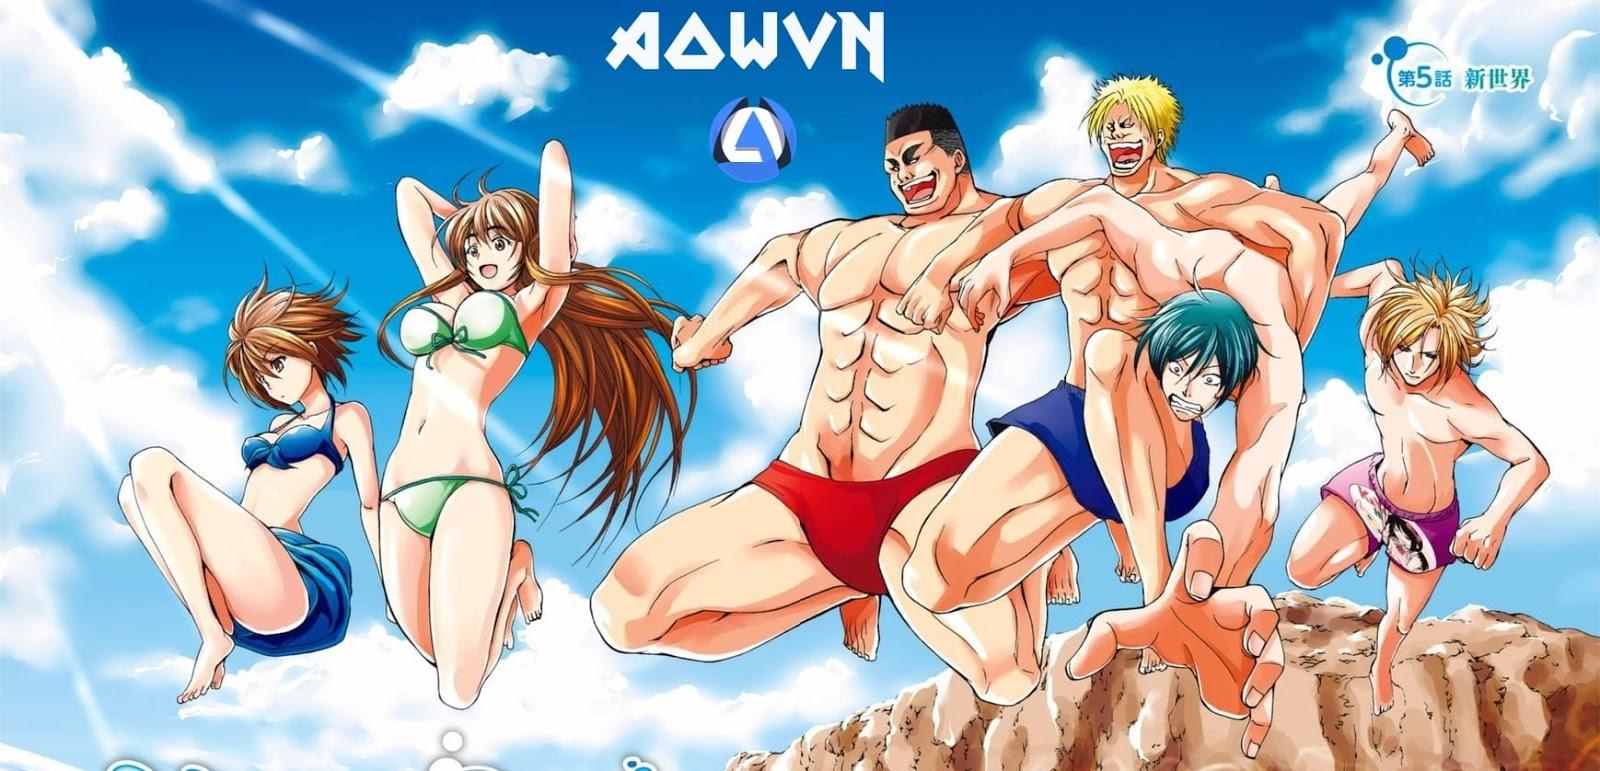 Grand%2BBlue%2B %2BPhatpro%2B%25281%2529 min - [ Anime 3gp Mp4 ] Grand Blue | Vietsub - Siêu Bựa - Cười Đau Bụng - Mùa Hè Mát Rượi!